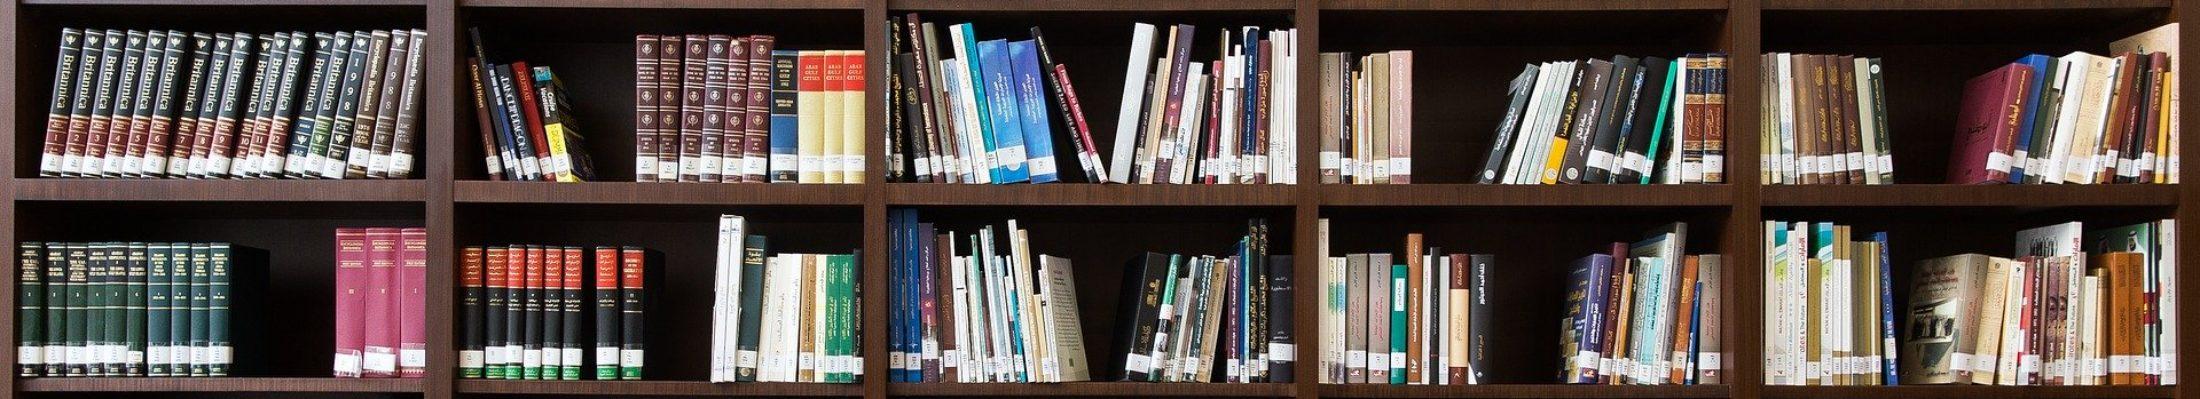 Knihovna Černilov